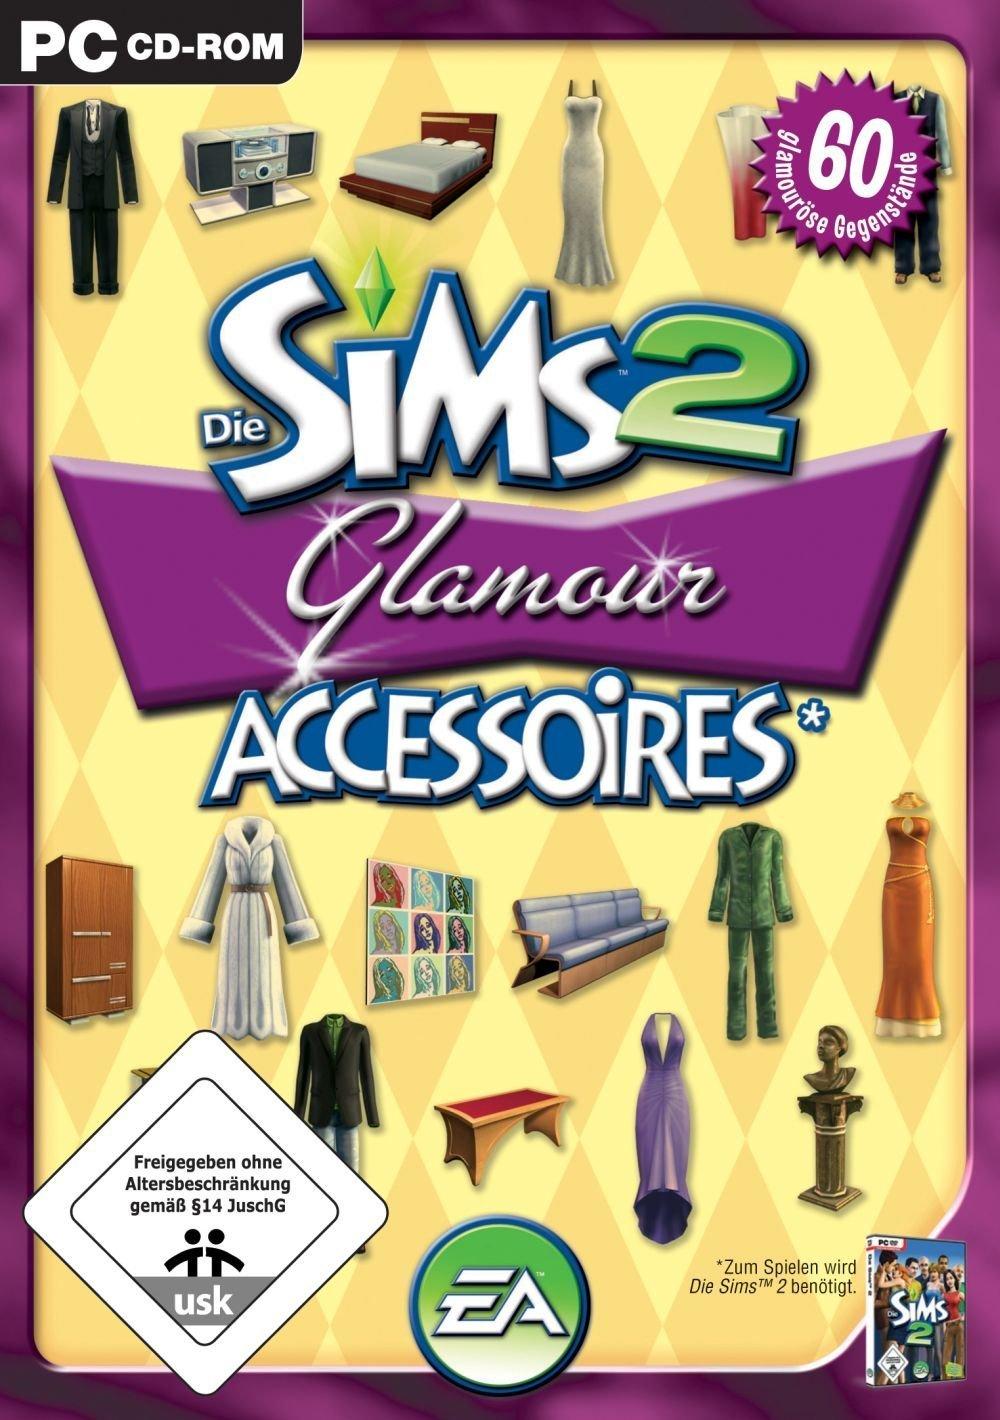 Die Sims 2: Glamour Accessoires: Pc: Amazon.de: Games